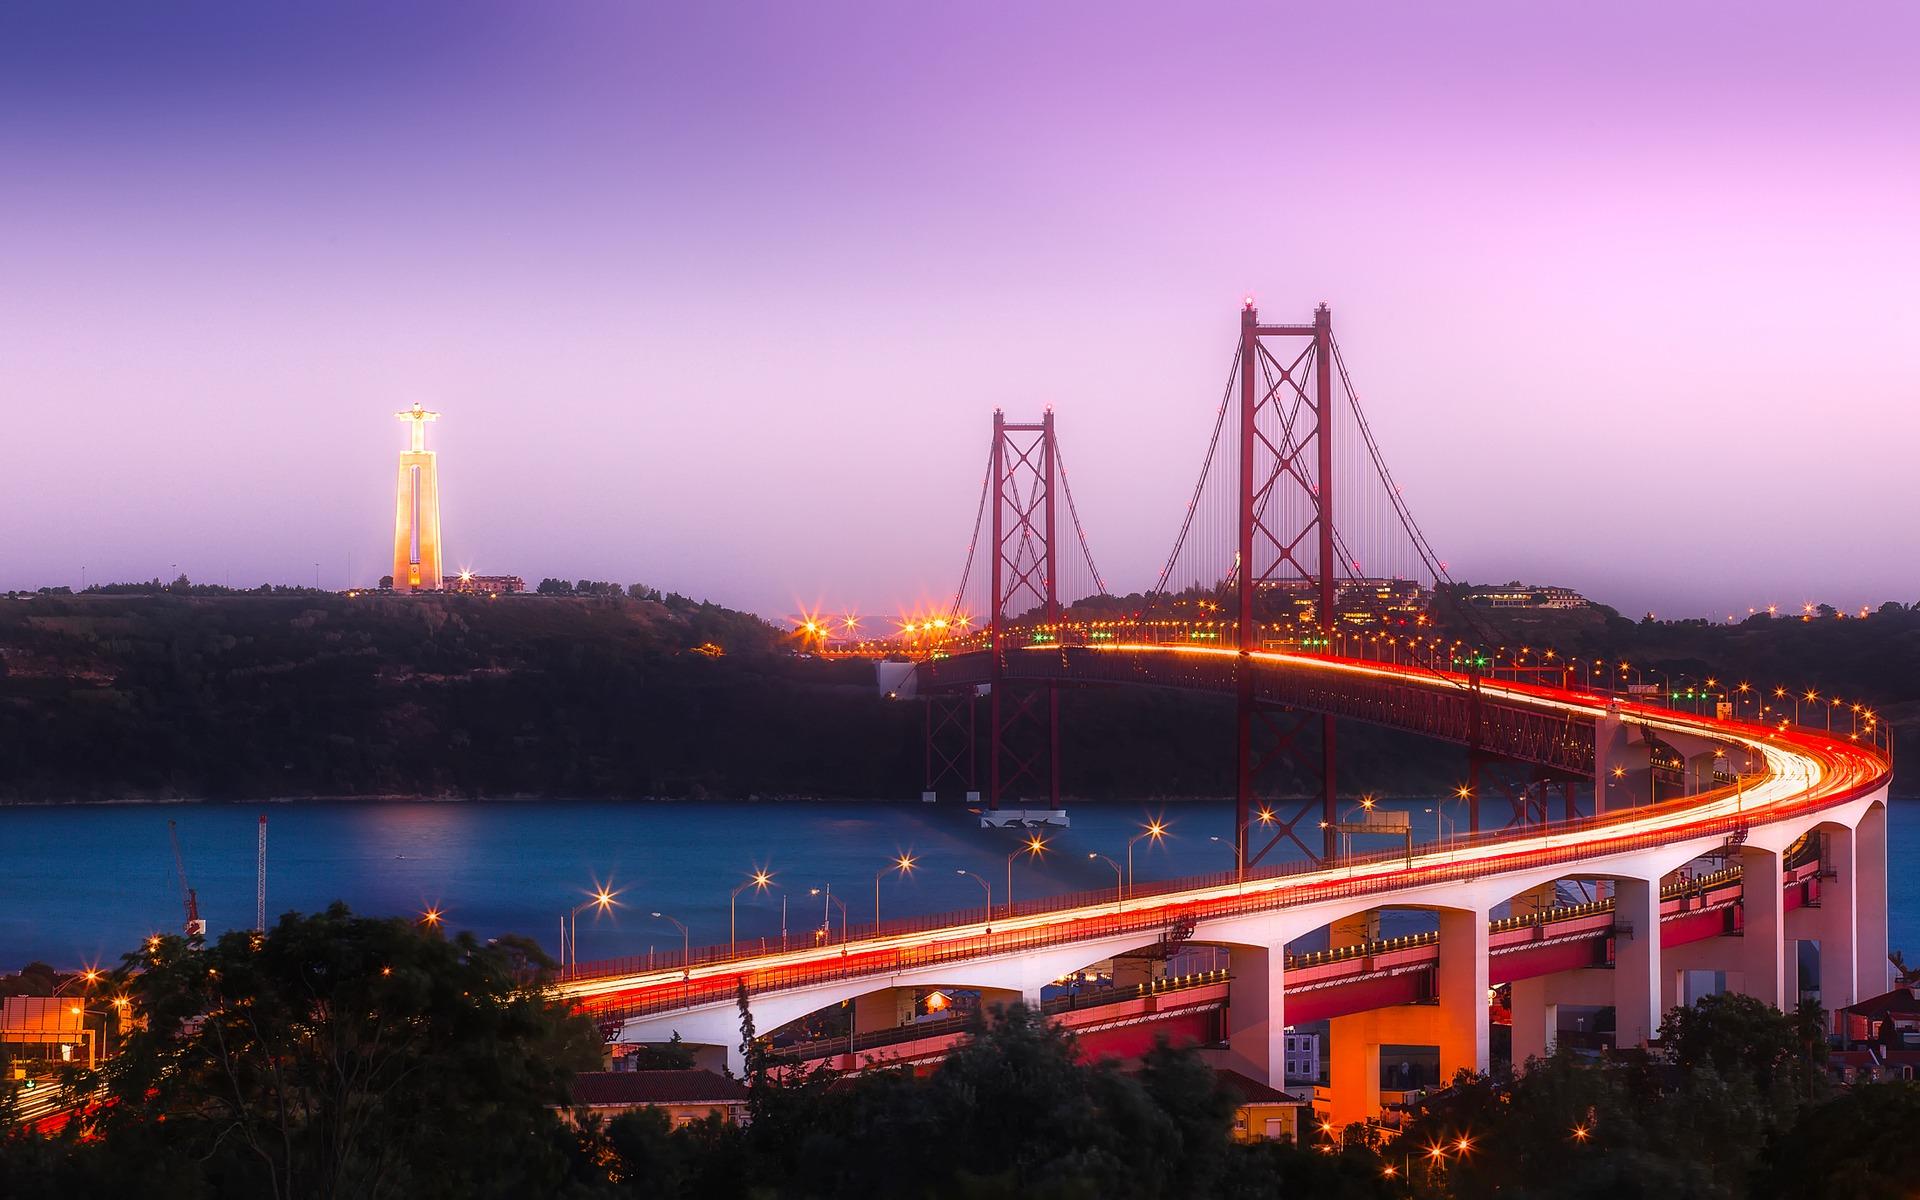 Ponte turística na cidade de Lisboa, uma das ótimas cidades para viagens em grupo